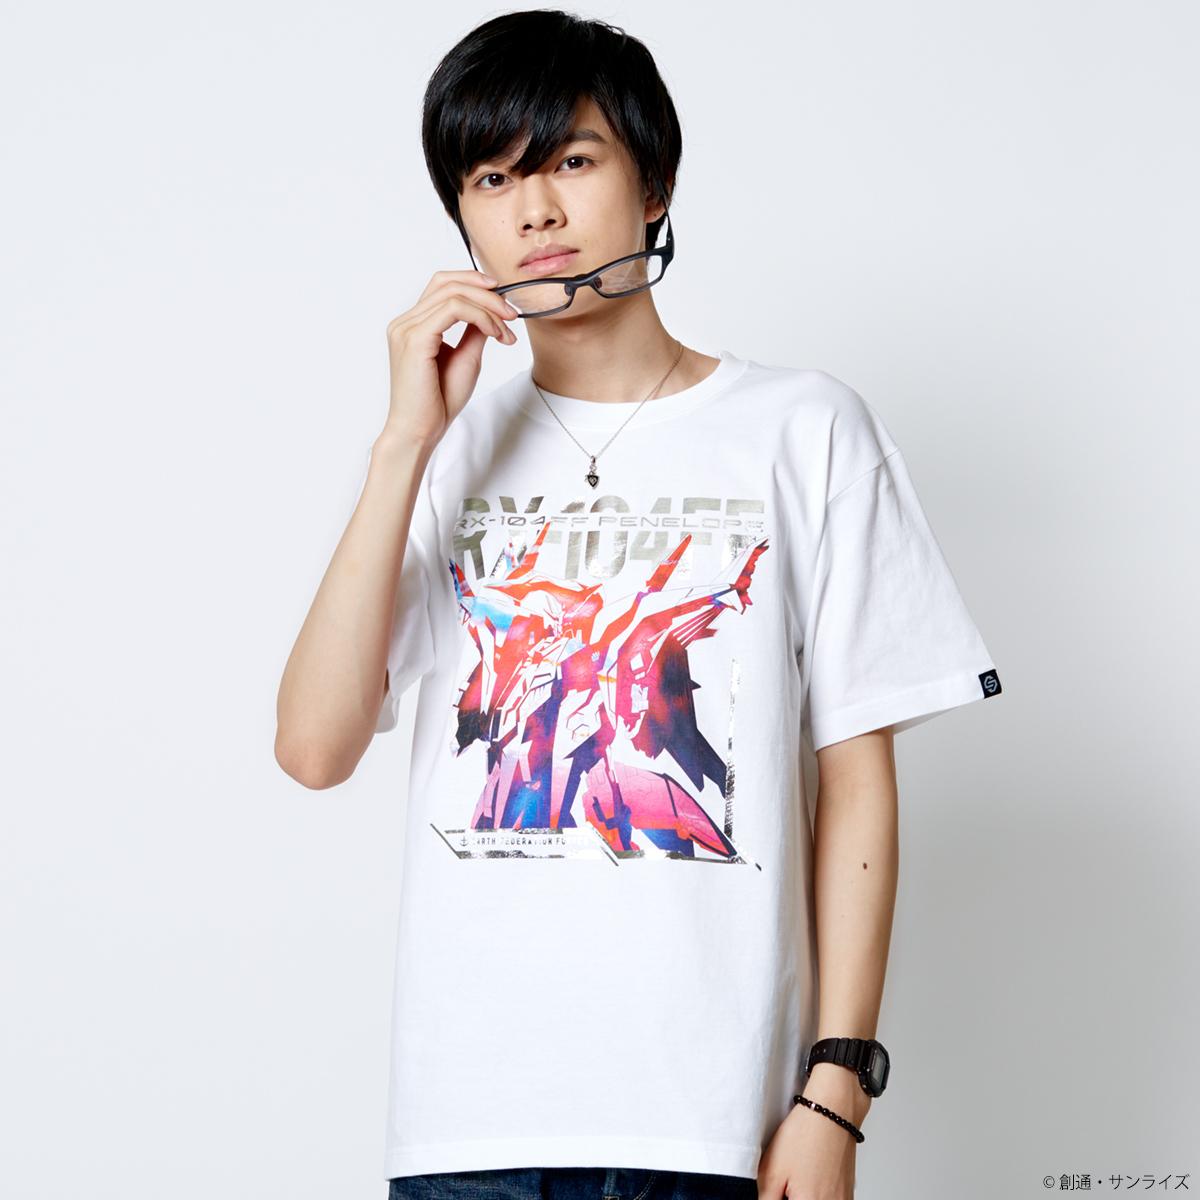 STRICT-G『機動戦士ガンダム 閃光のハサウェイ』 Tシャツ 箔グラデーション ペーネロペー